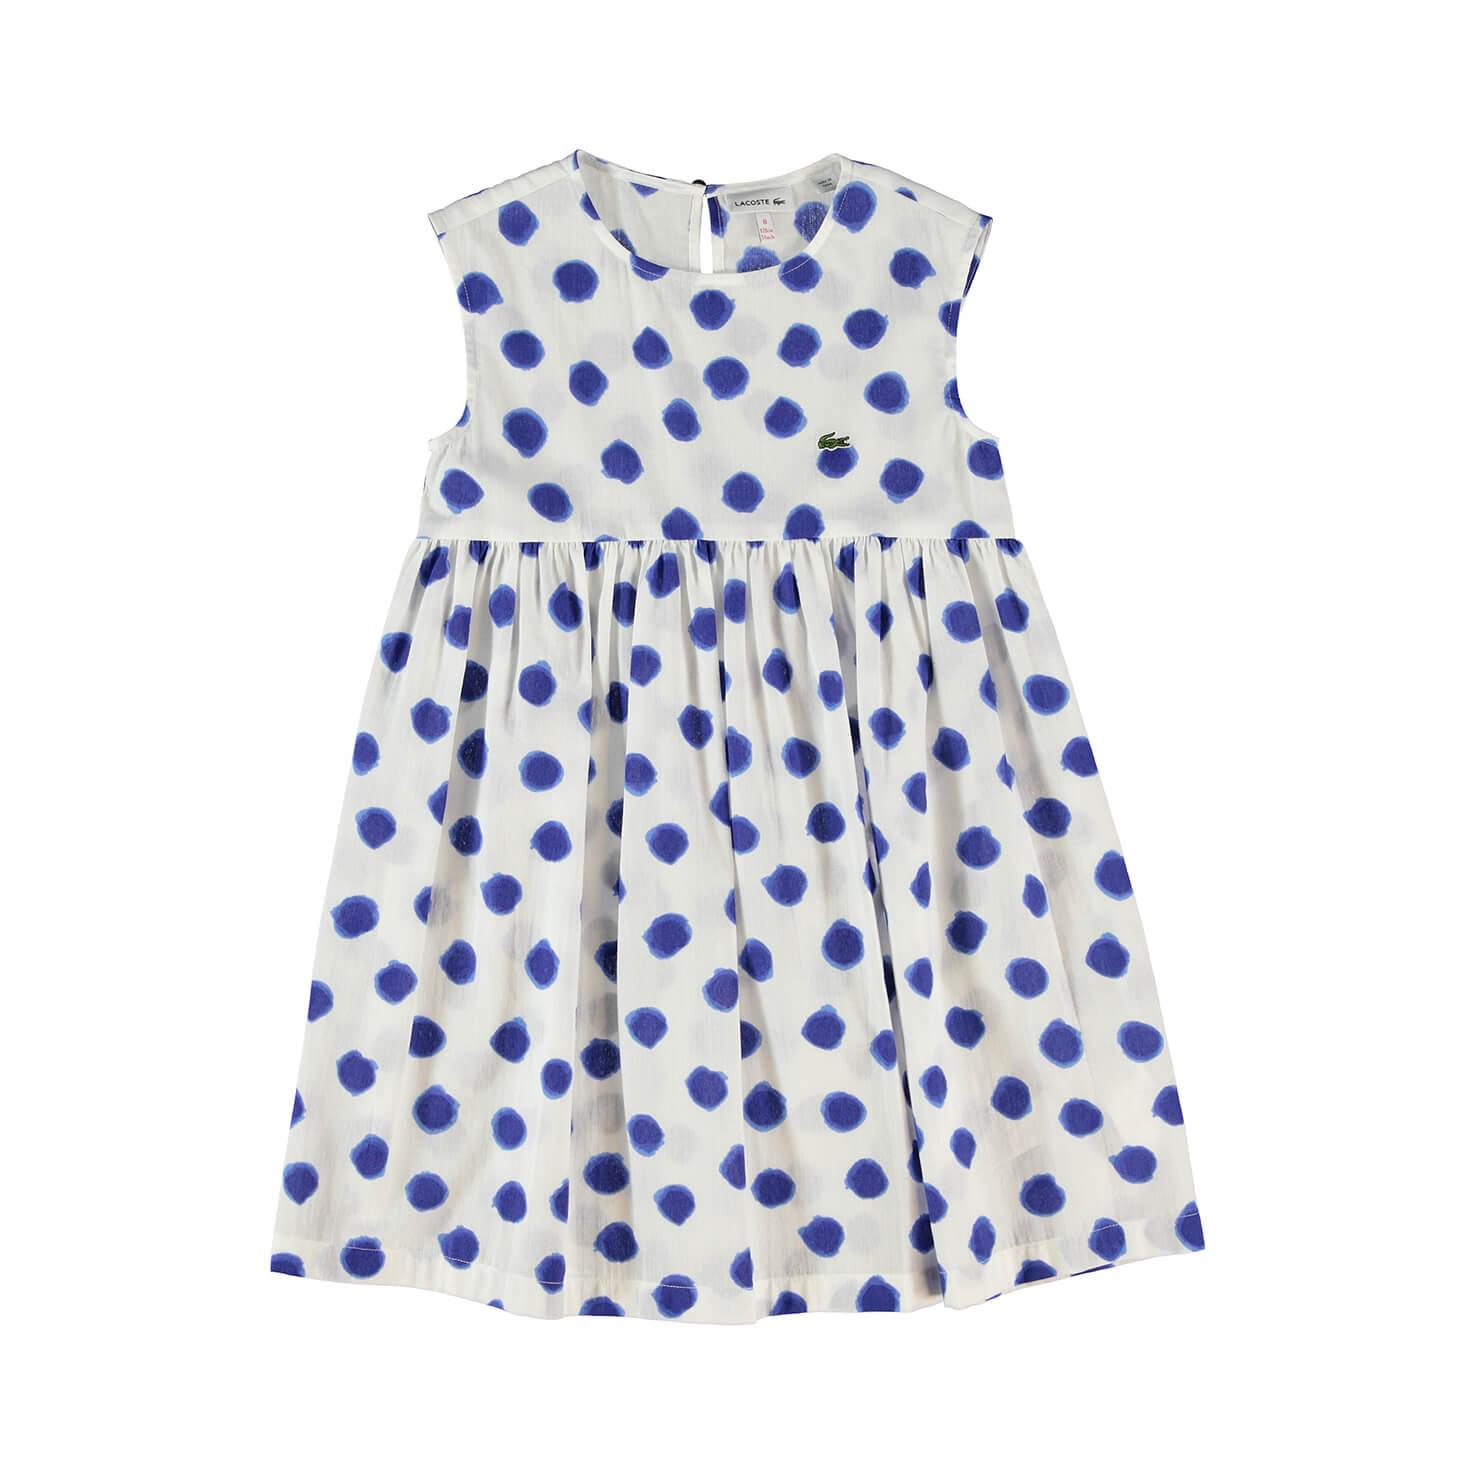 Платье LacosteДетское<br>Детали: стильное платье с принтом и круглым вырезом \ Материал: 100% хлопок \ Страна производства: Китай